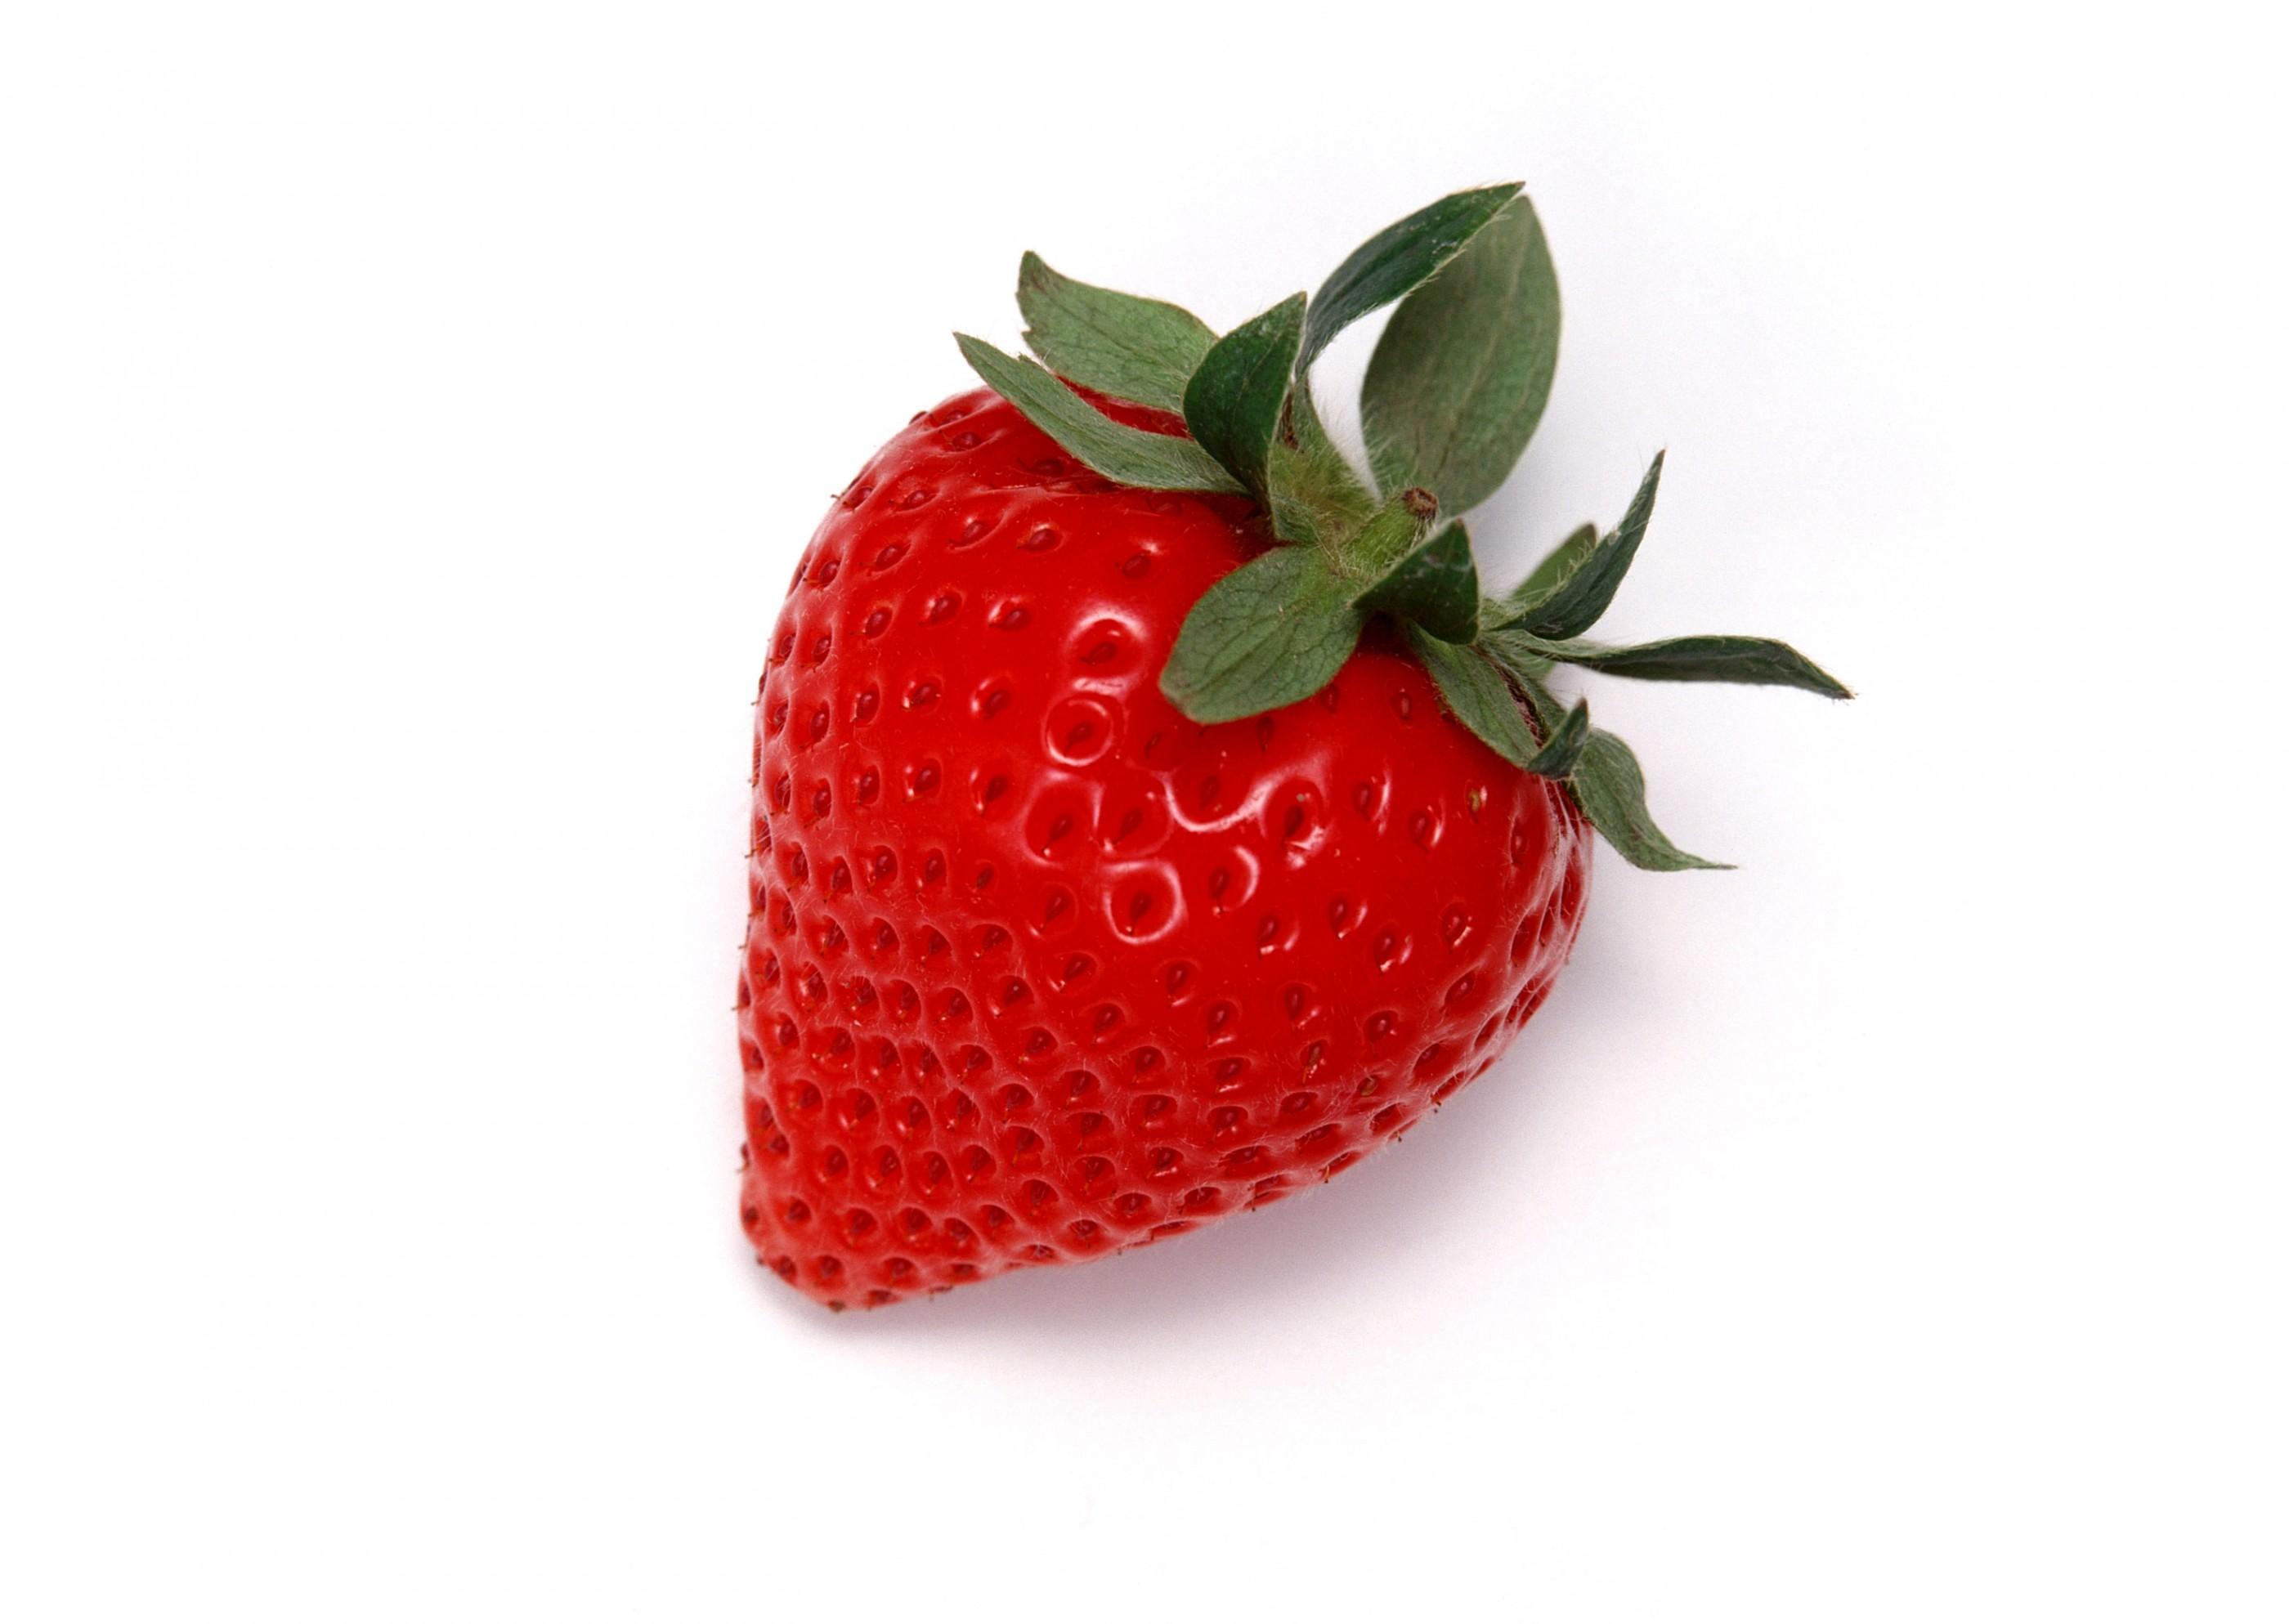 навоз ягода клубника картинка без белого фона выложила социальную сеть